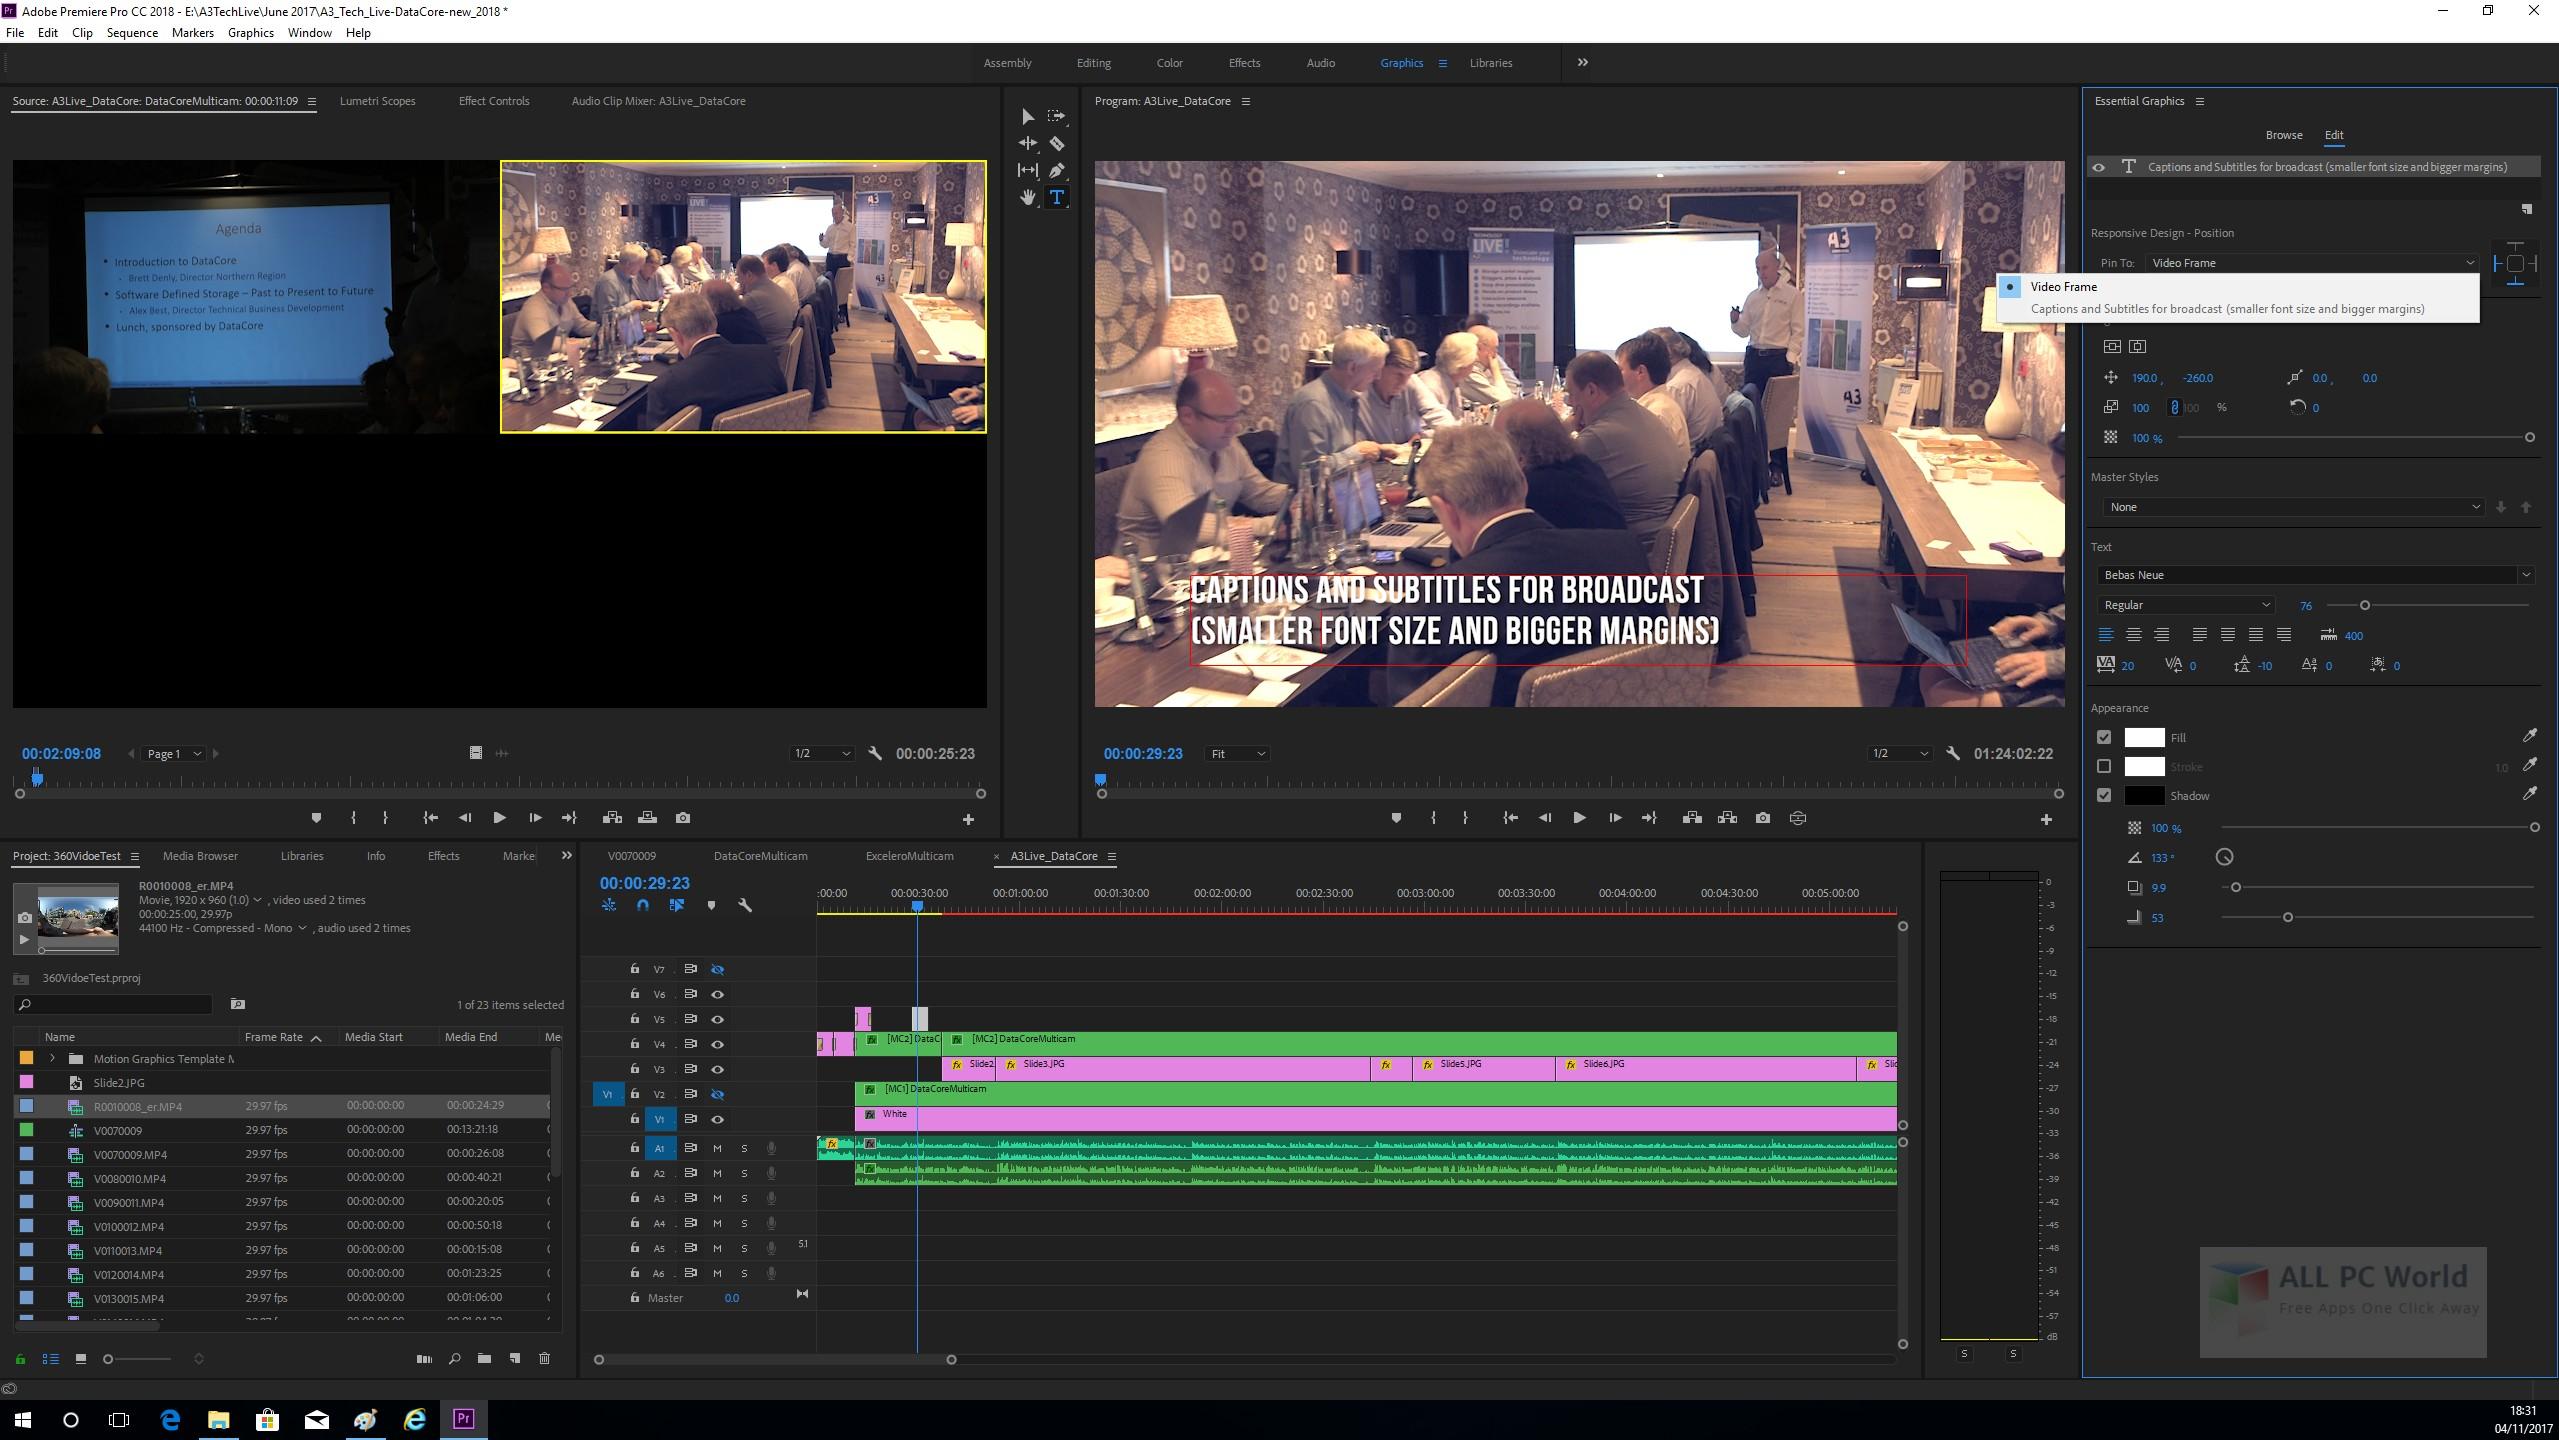 Adobe Premiere Pro CC 2018 12.1 Free Download